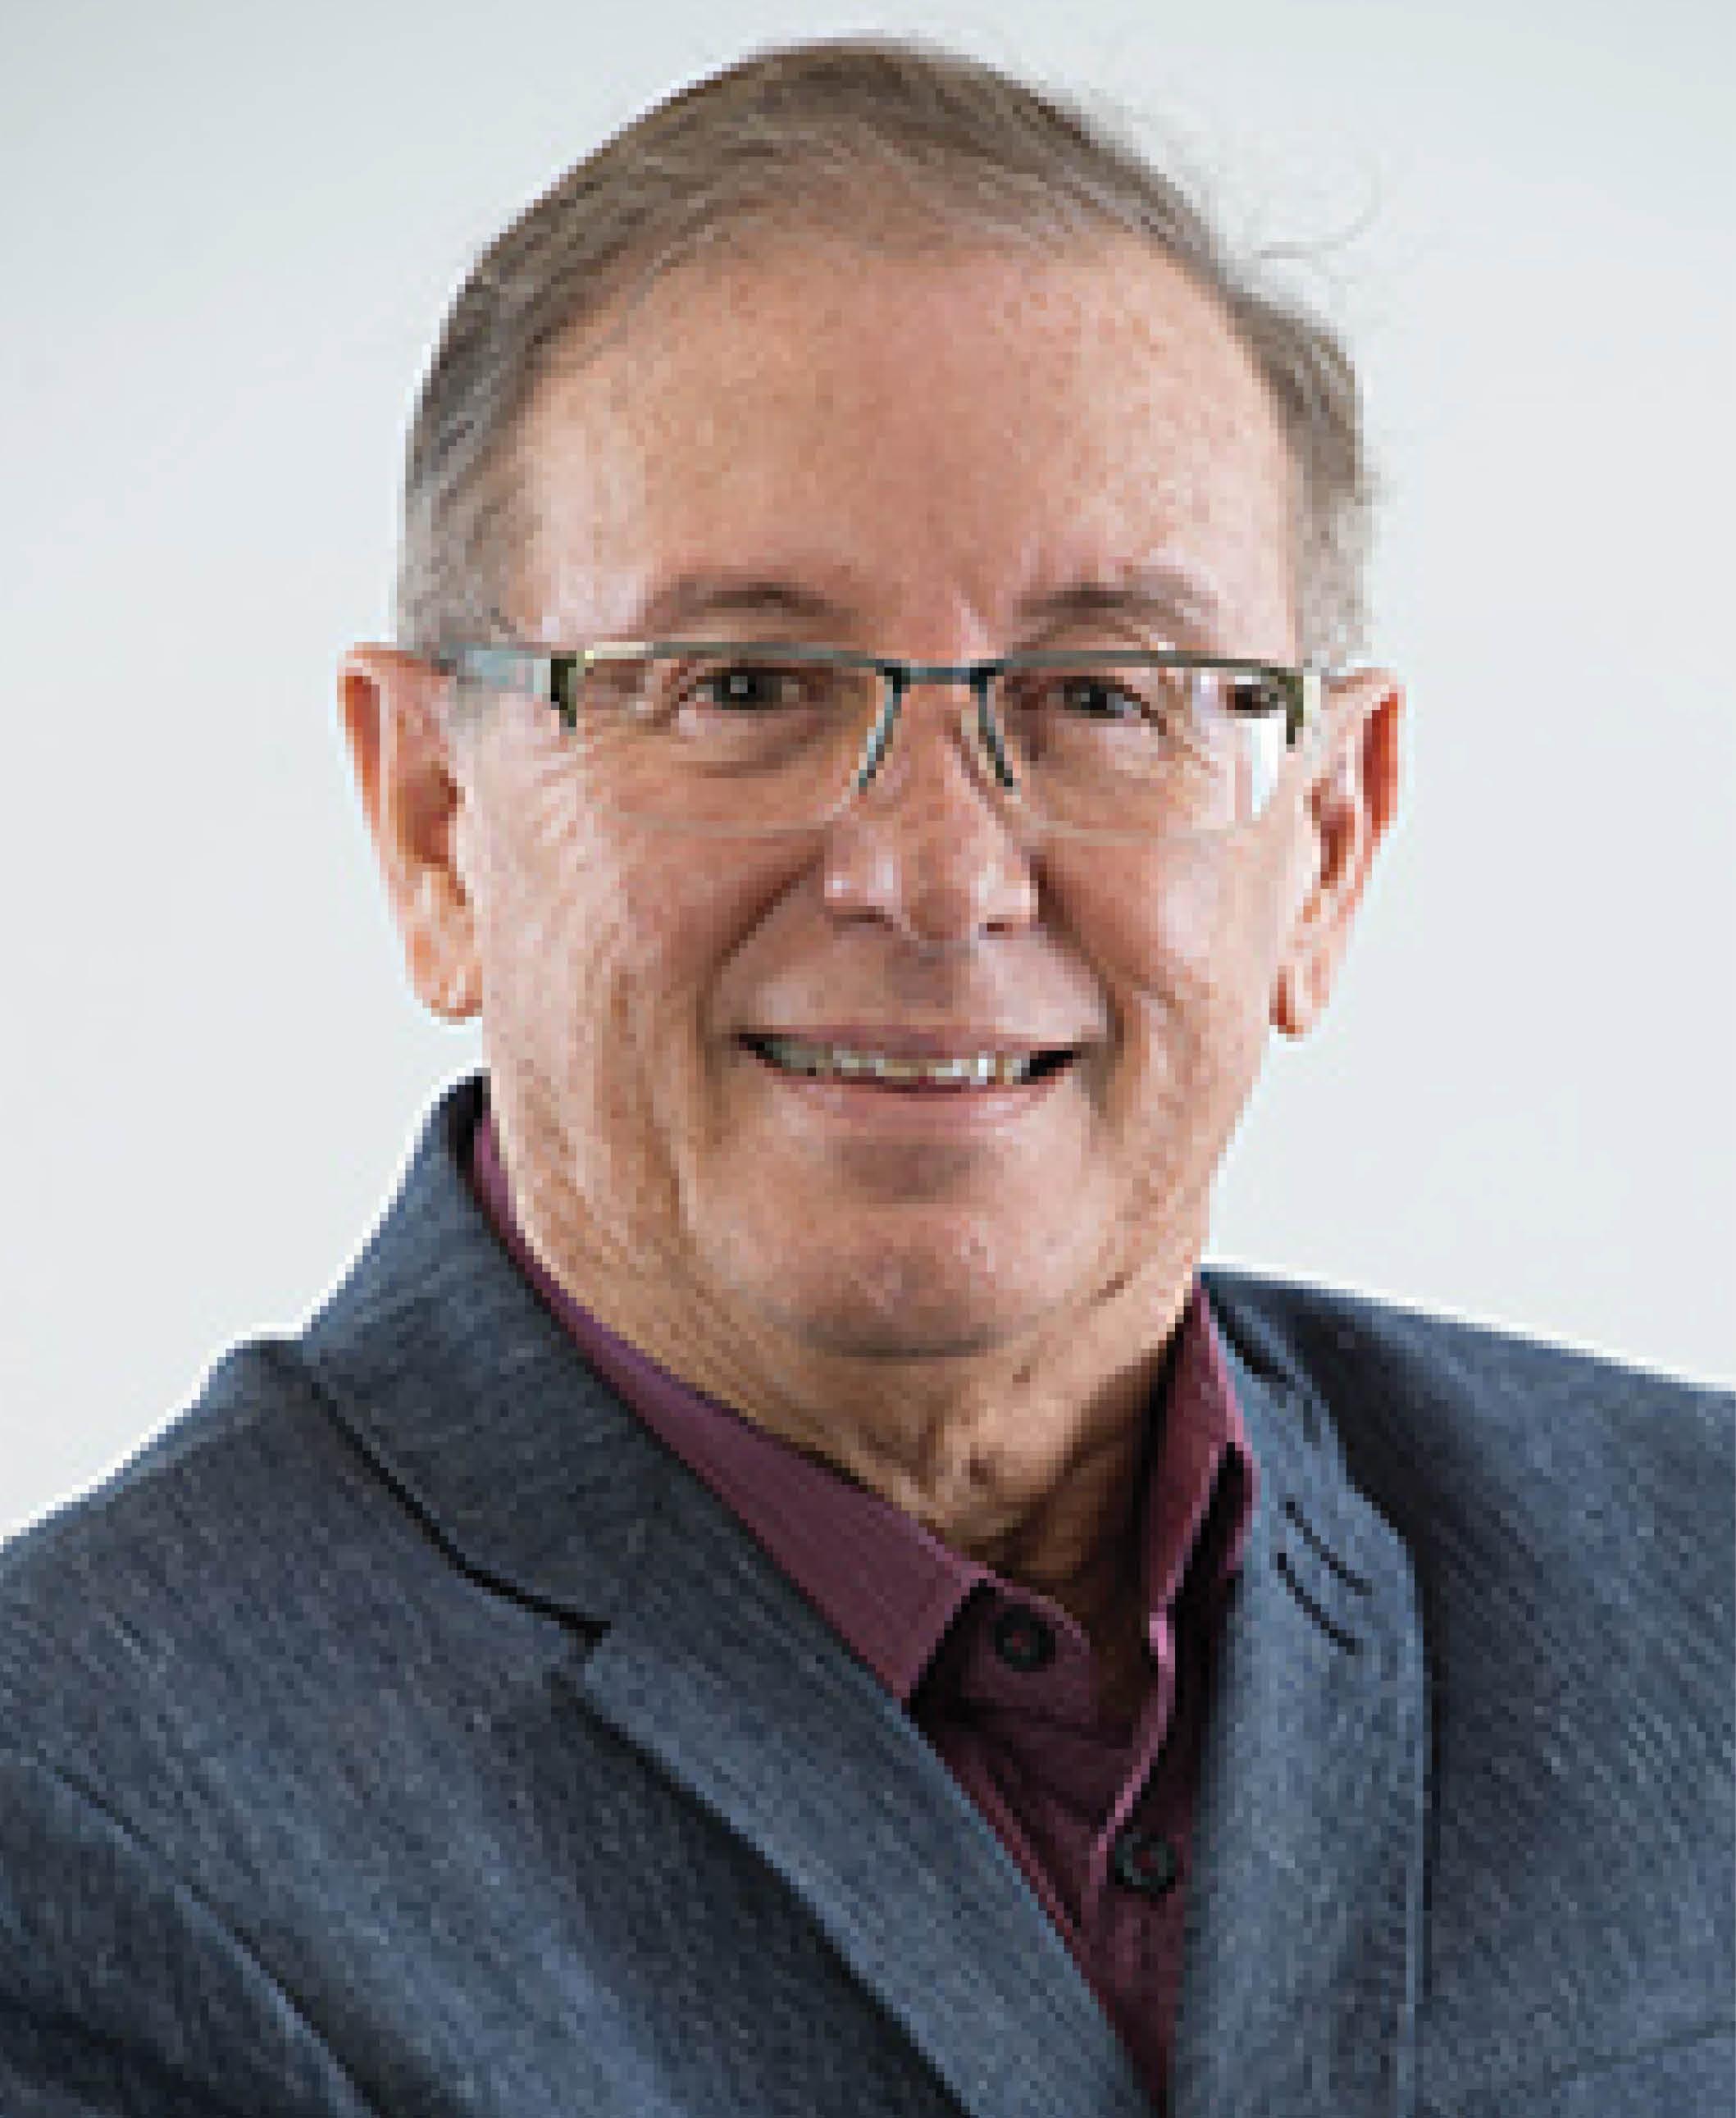 Delvo Martinelli